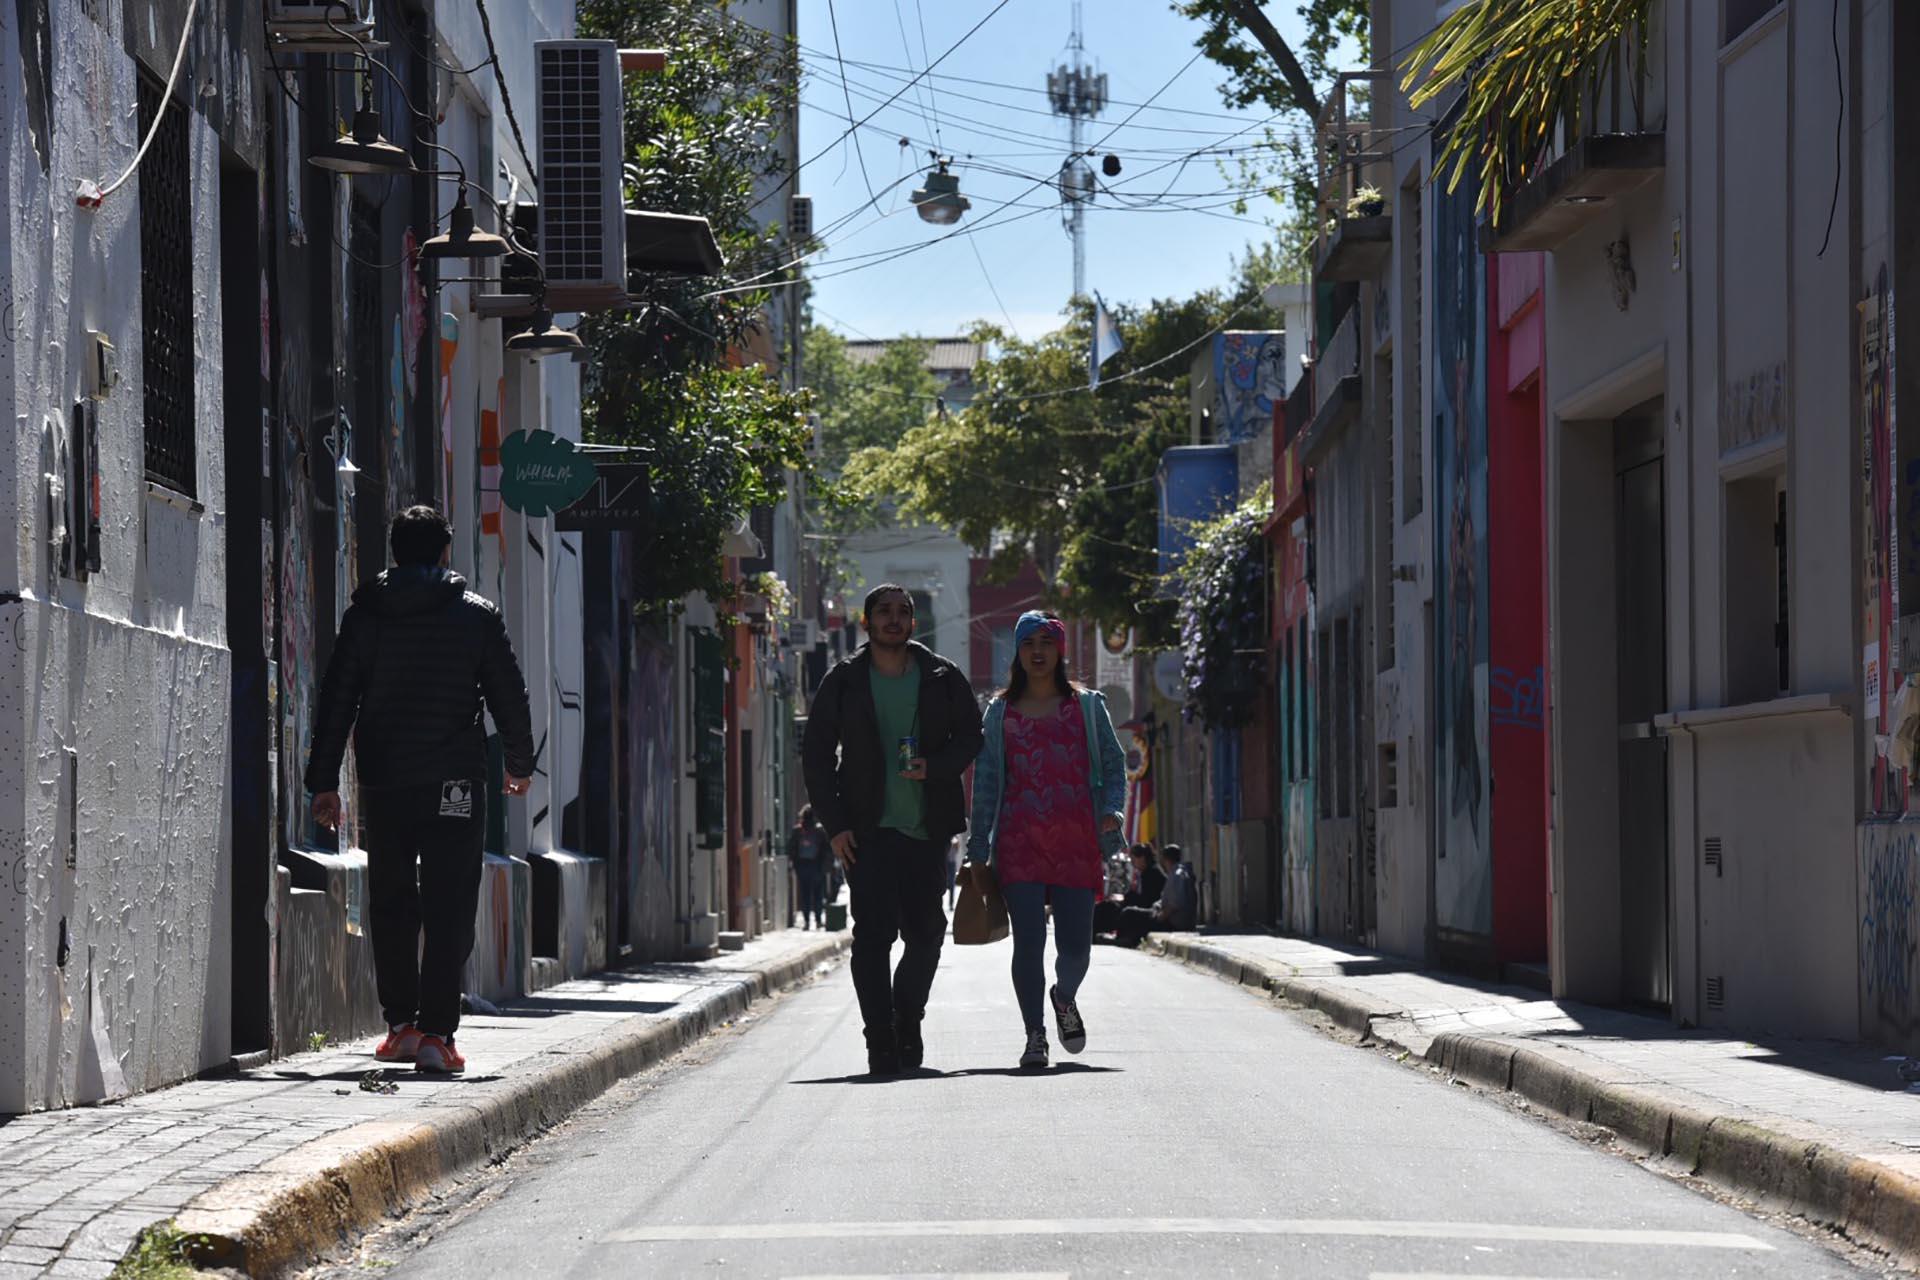 El pasaje se extiende por tres cuadras en uno de los puntos más turísticos de la ciudad: está entre Uriarte y Gurruchaga, y atraviesa Thames y Jorge Luis Borges (Guille Llamos)